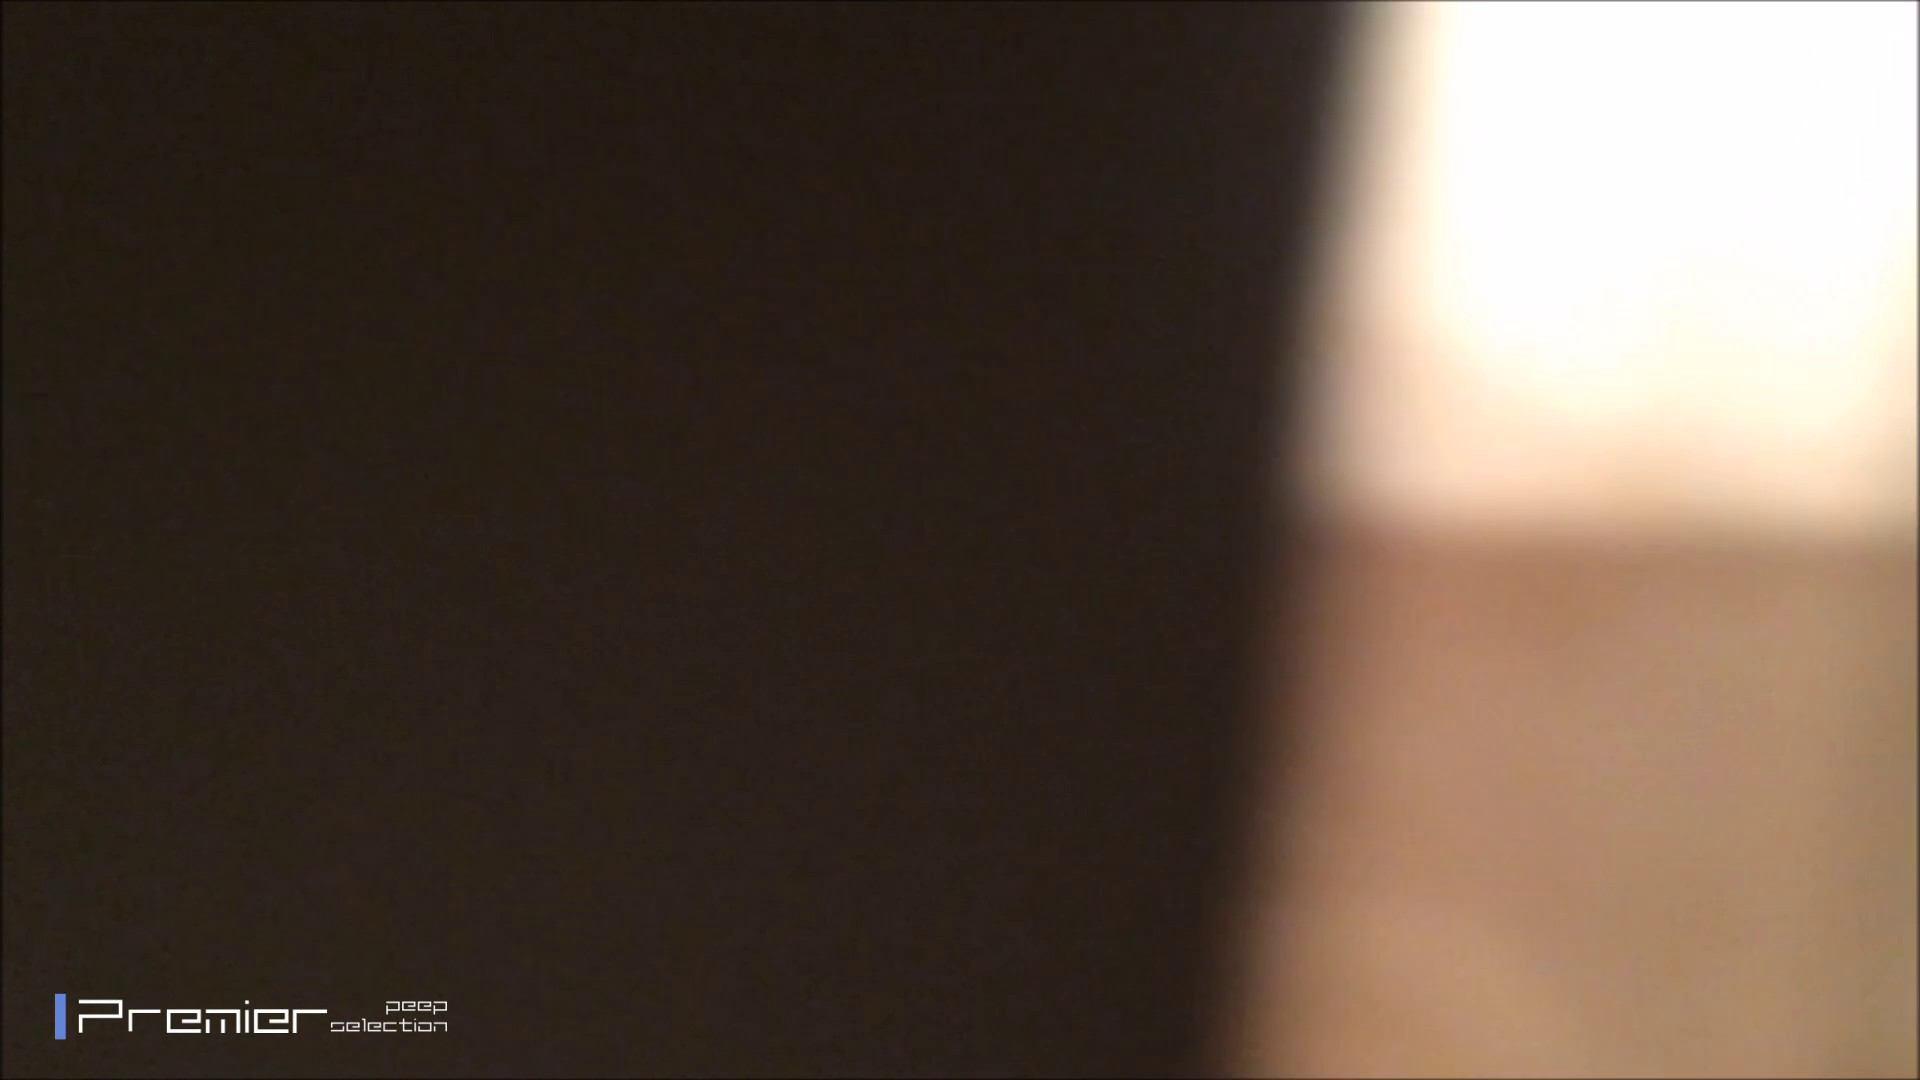 シャワーのお湯を跳ね返すお肌 乙女の風呂場 Vol.03 シャワー すけべAV動画紹介 78PIX 4